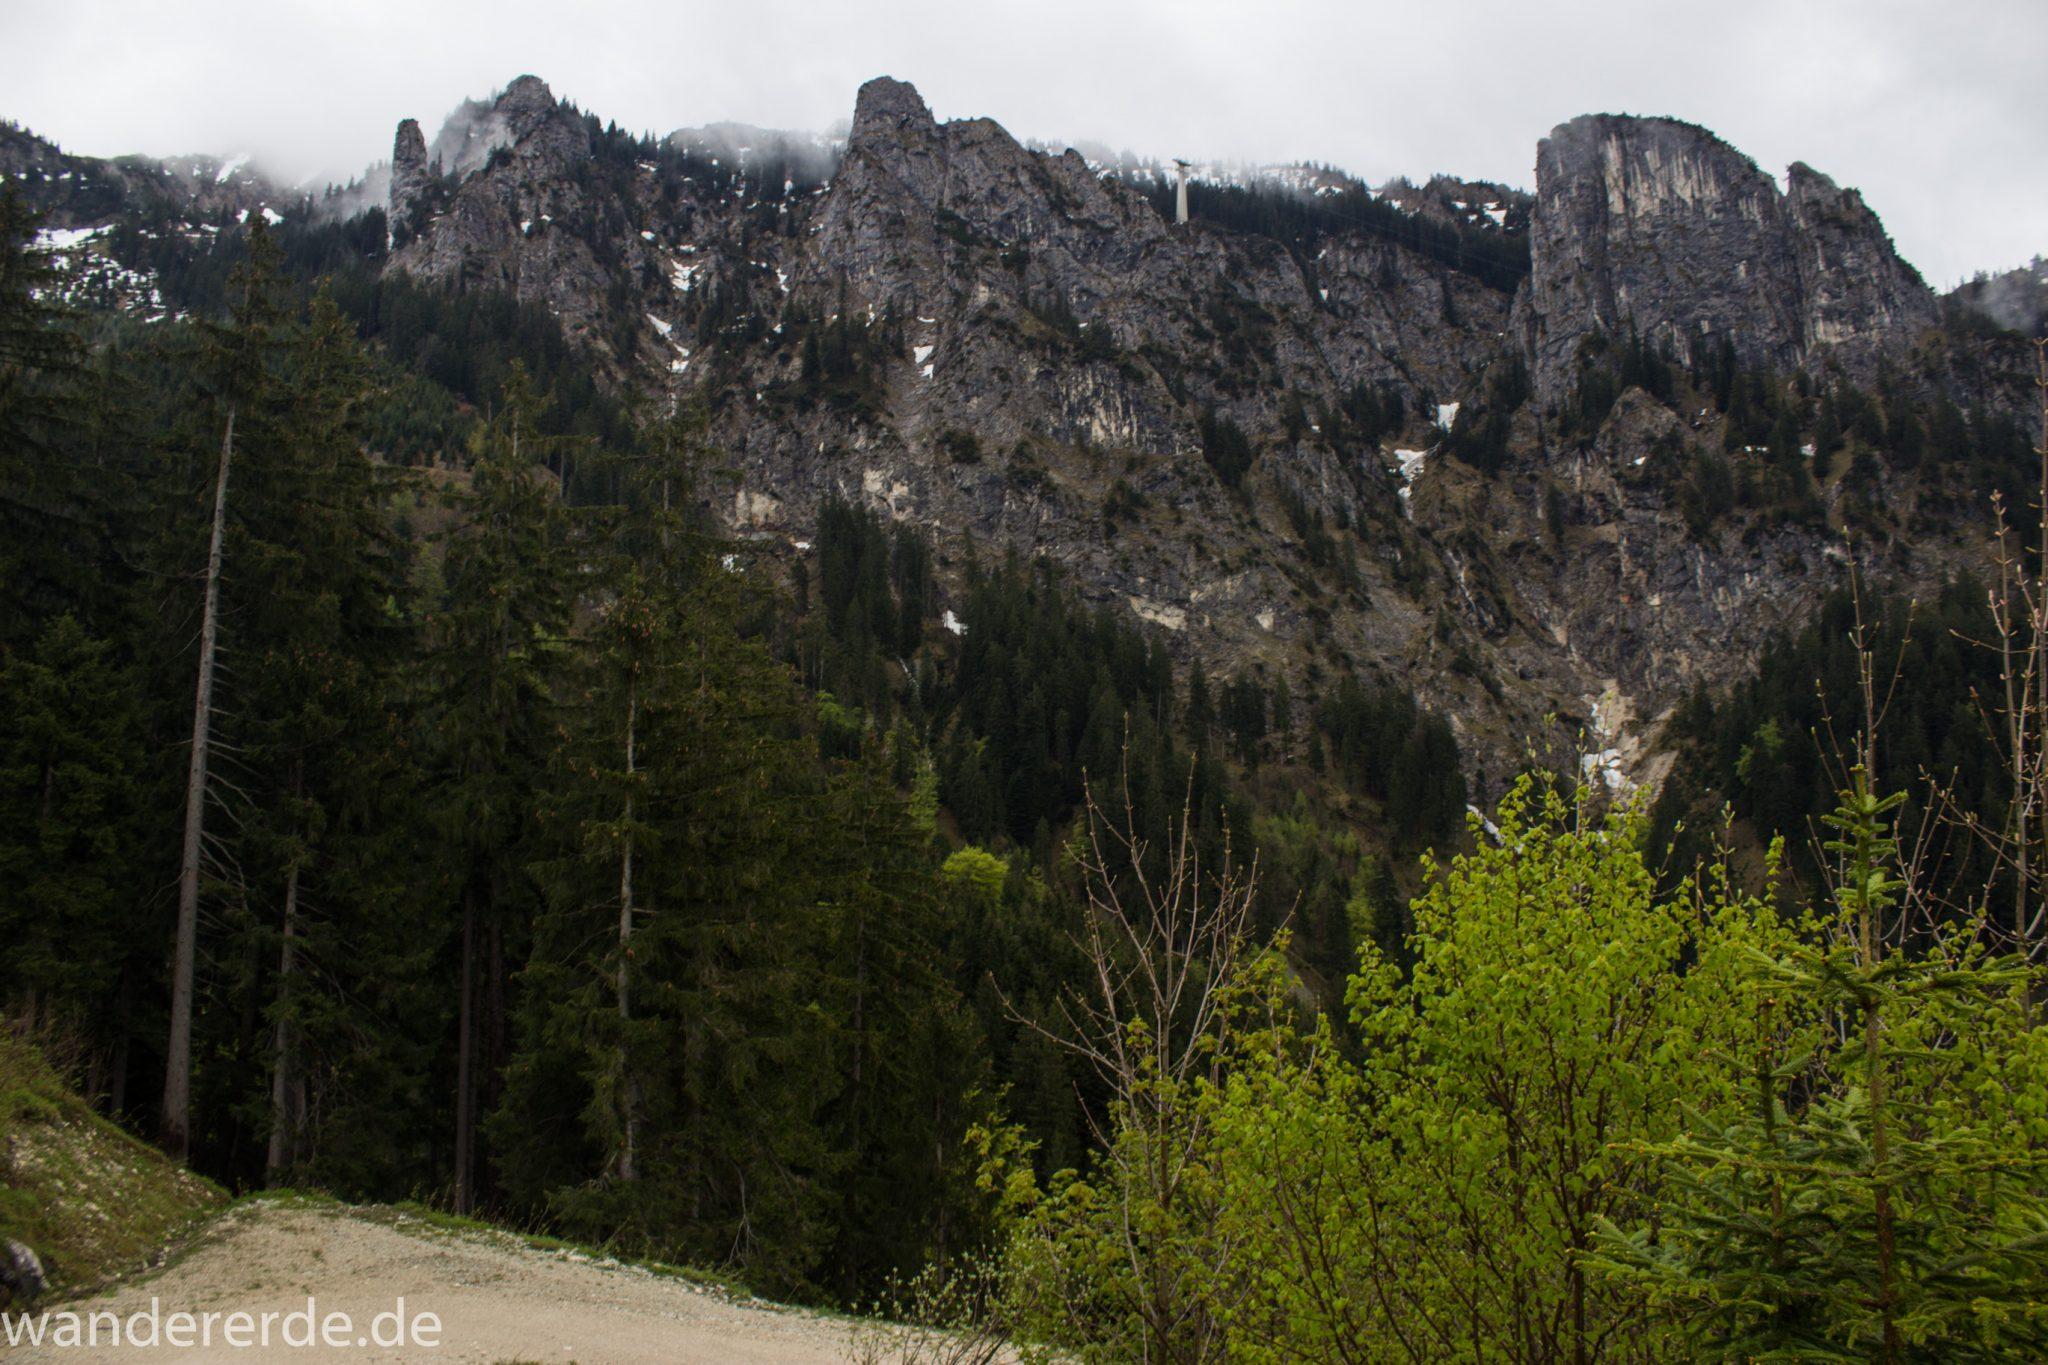 Wandern beim Tegelberg, Stadt Füssen, Parkplatz Drehhütte bis Rohrkopfhütte, Aussicht auf mächtige Bergkette, Nadelbaum, Wiese, schneebedeckte Gipfel in der Ferne, schöne Aussicht, dichter grüner Wald